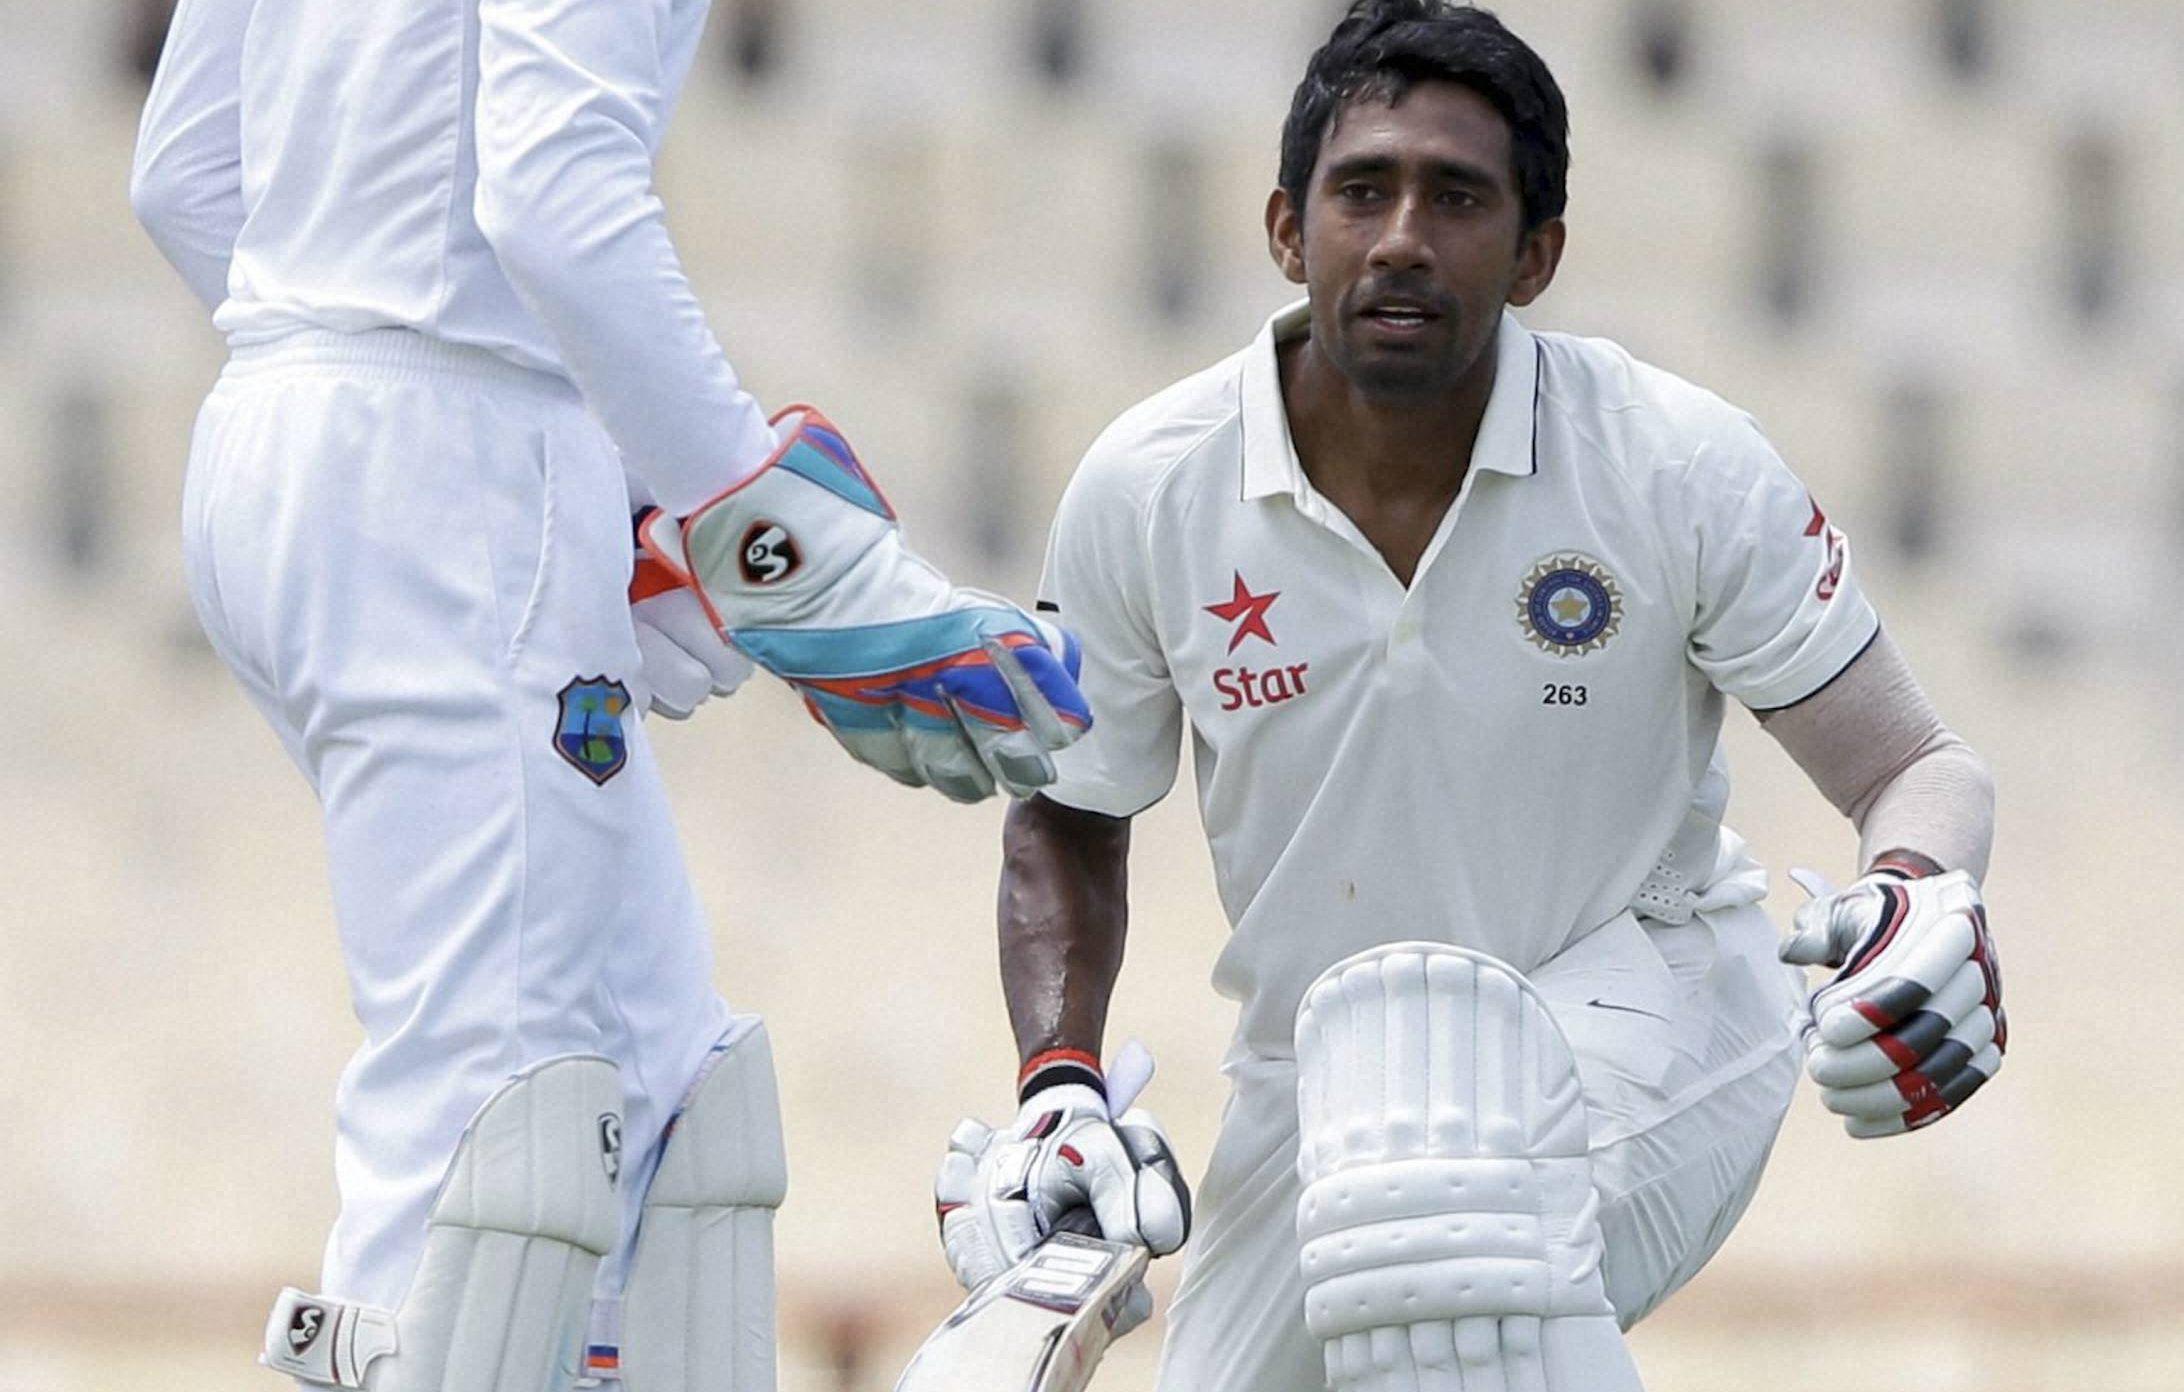 अंत की ओर है विराट कोहली के इस पसंदीदा खिलाड़ी का क्रिकेट करियर, बीसीसीआई कर रही नजरअंदाज 4